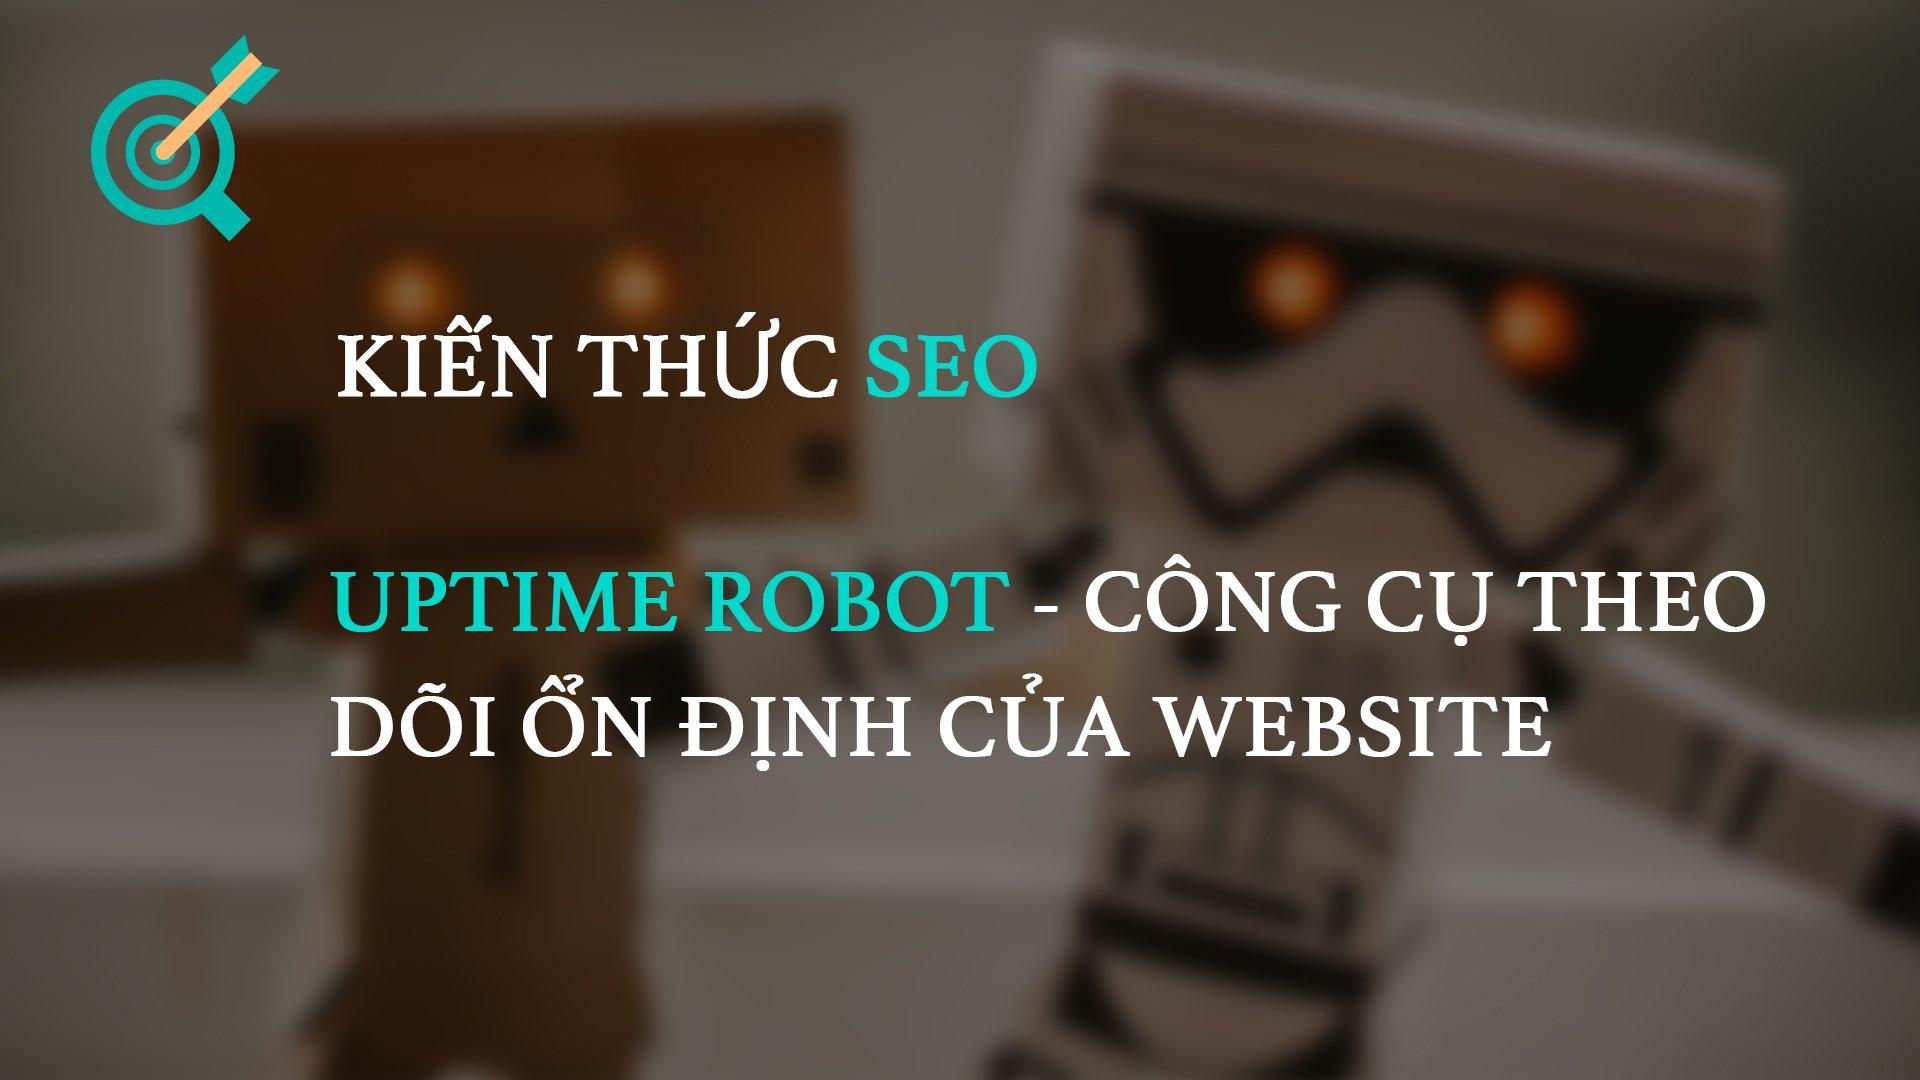 Uptime Robot – Công cụ theo dõi độ ổn định của website